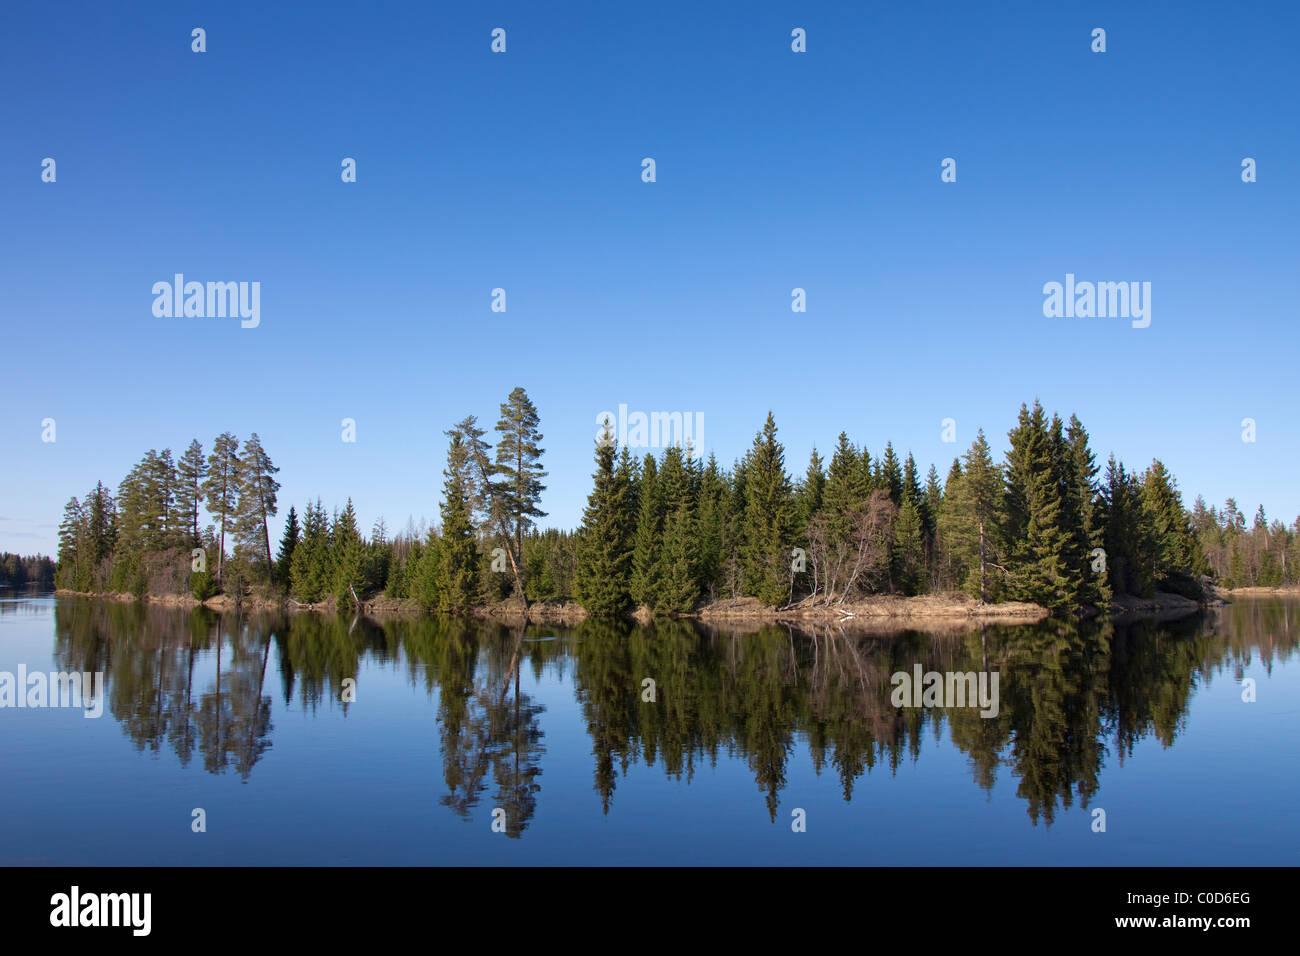 Pine trees along the Västerdal River / Västerdalälven, Dalarna, Sweden - Stock Image